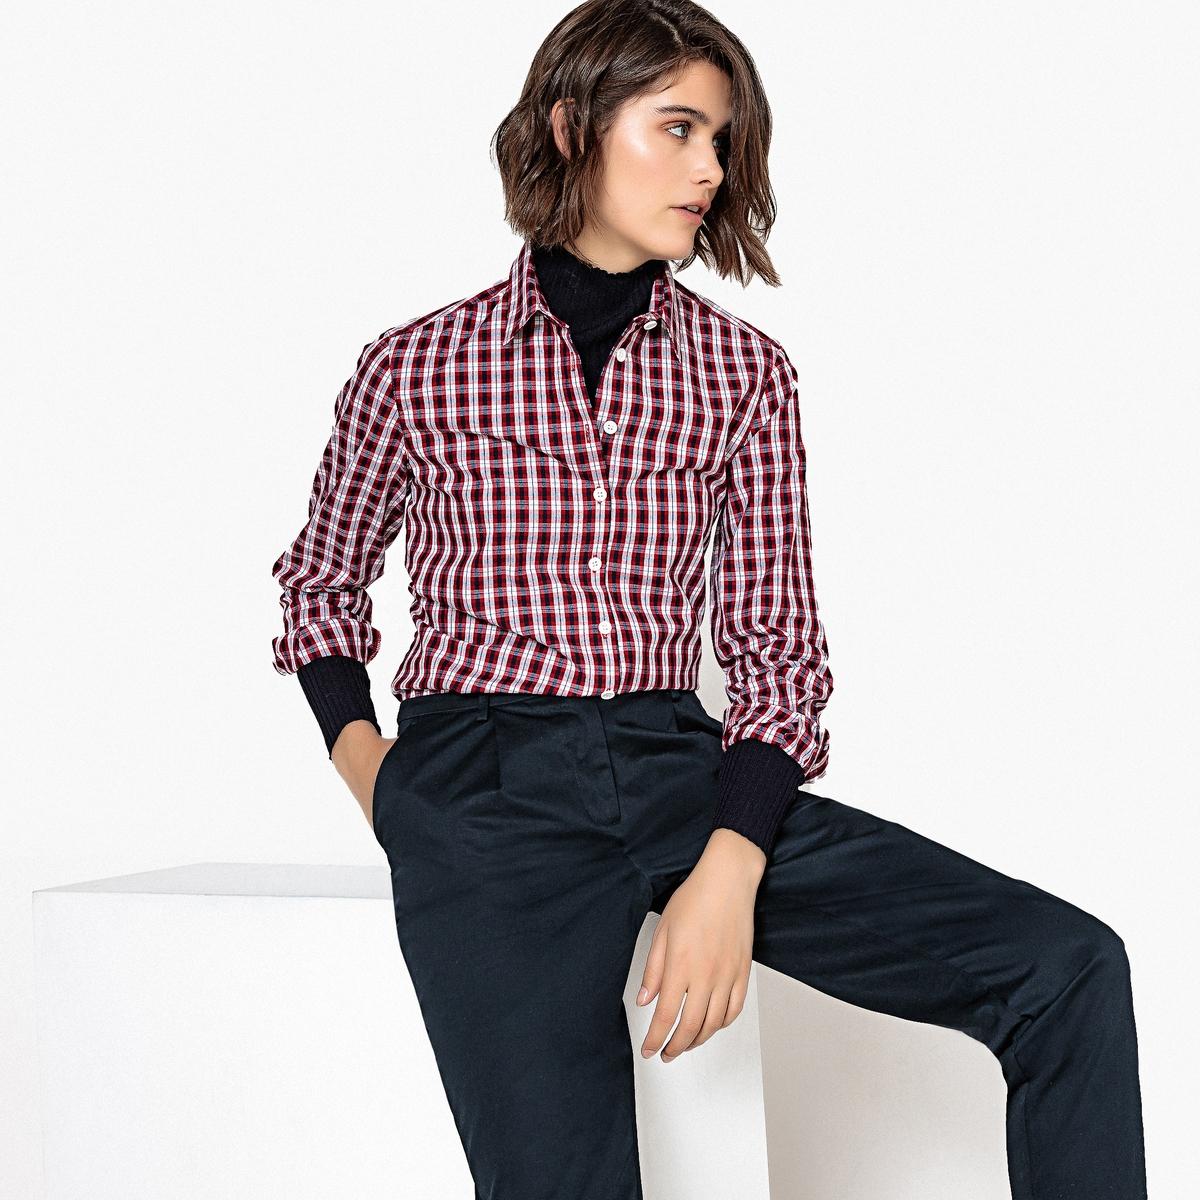 Camisa estampada aos quadrados, mangas compridas